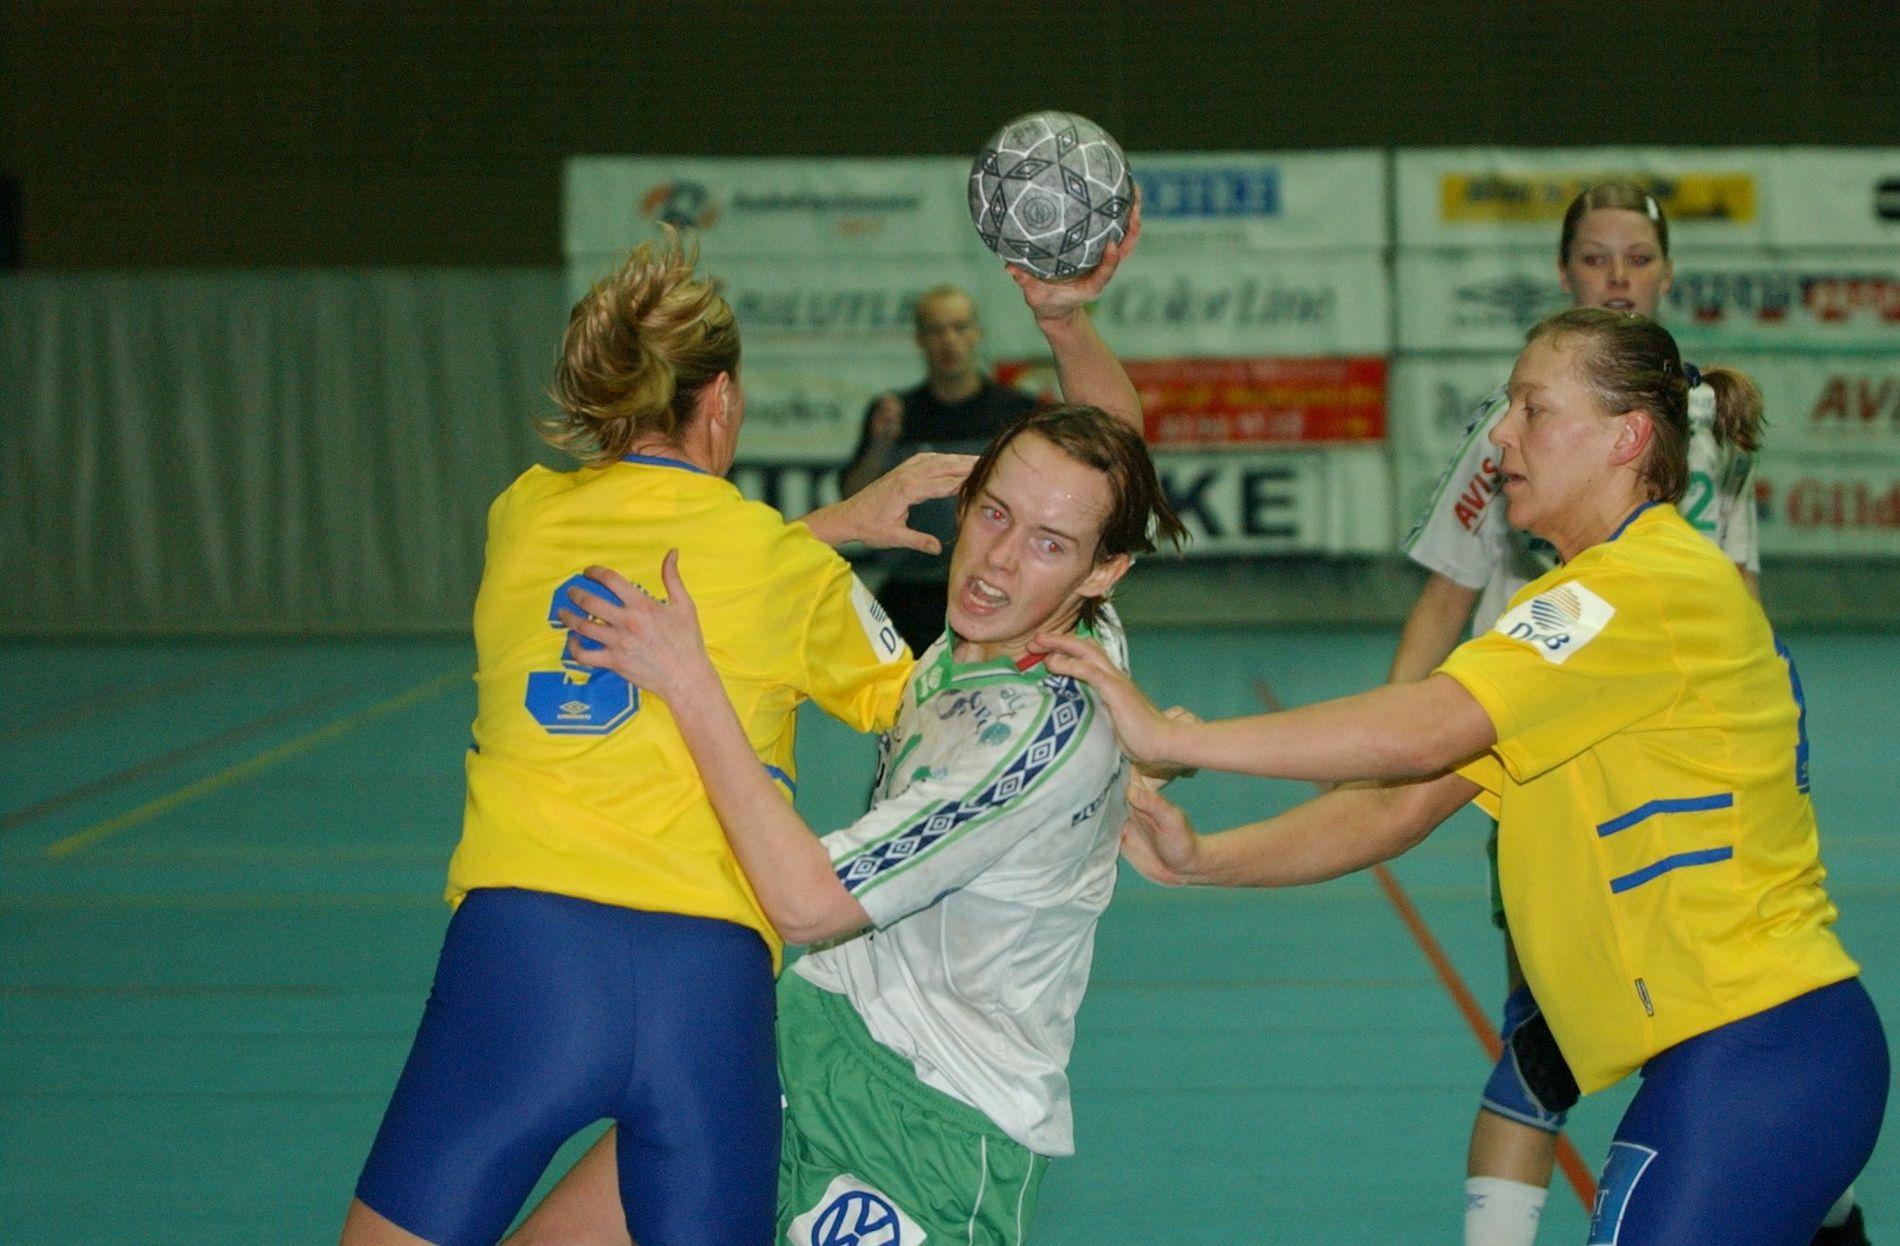 Tvillingene Katrine og Kristine (bildet) Lunde var sentrale spillere da Våg debuterte i eliteserien i 2001.